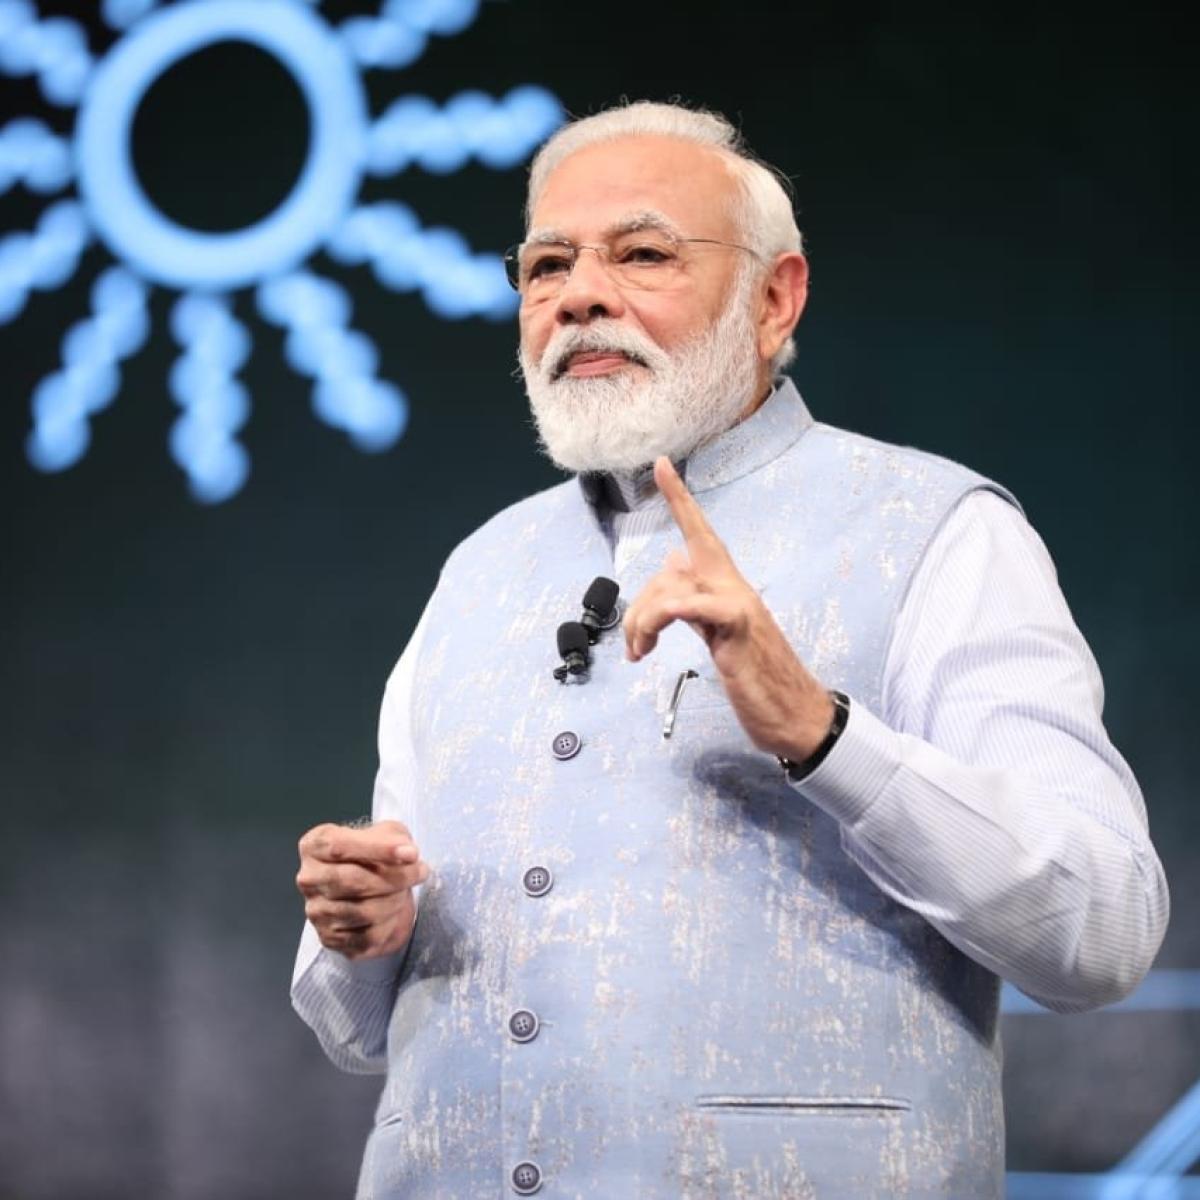 PM Modi may take sanyas from social media